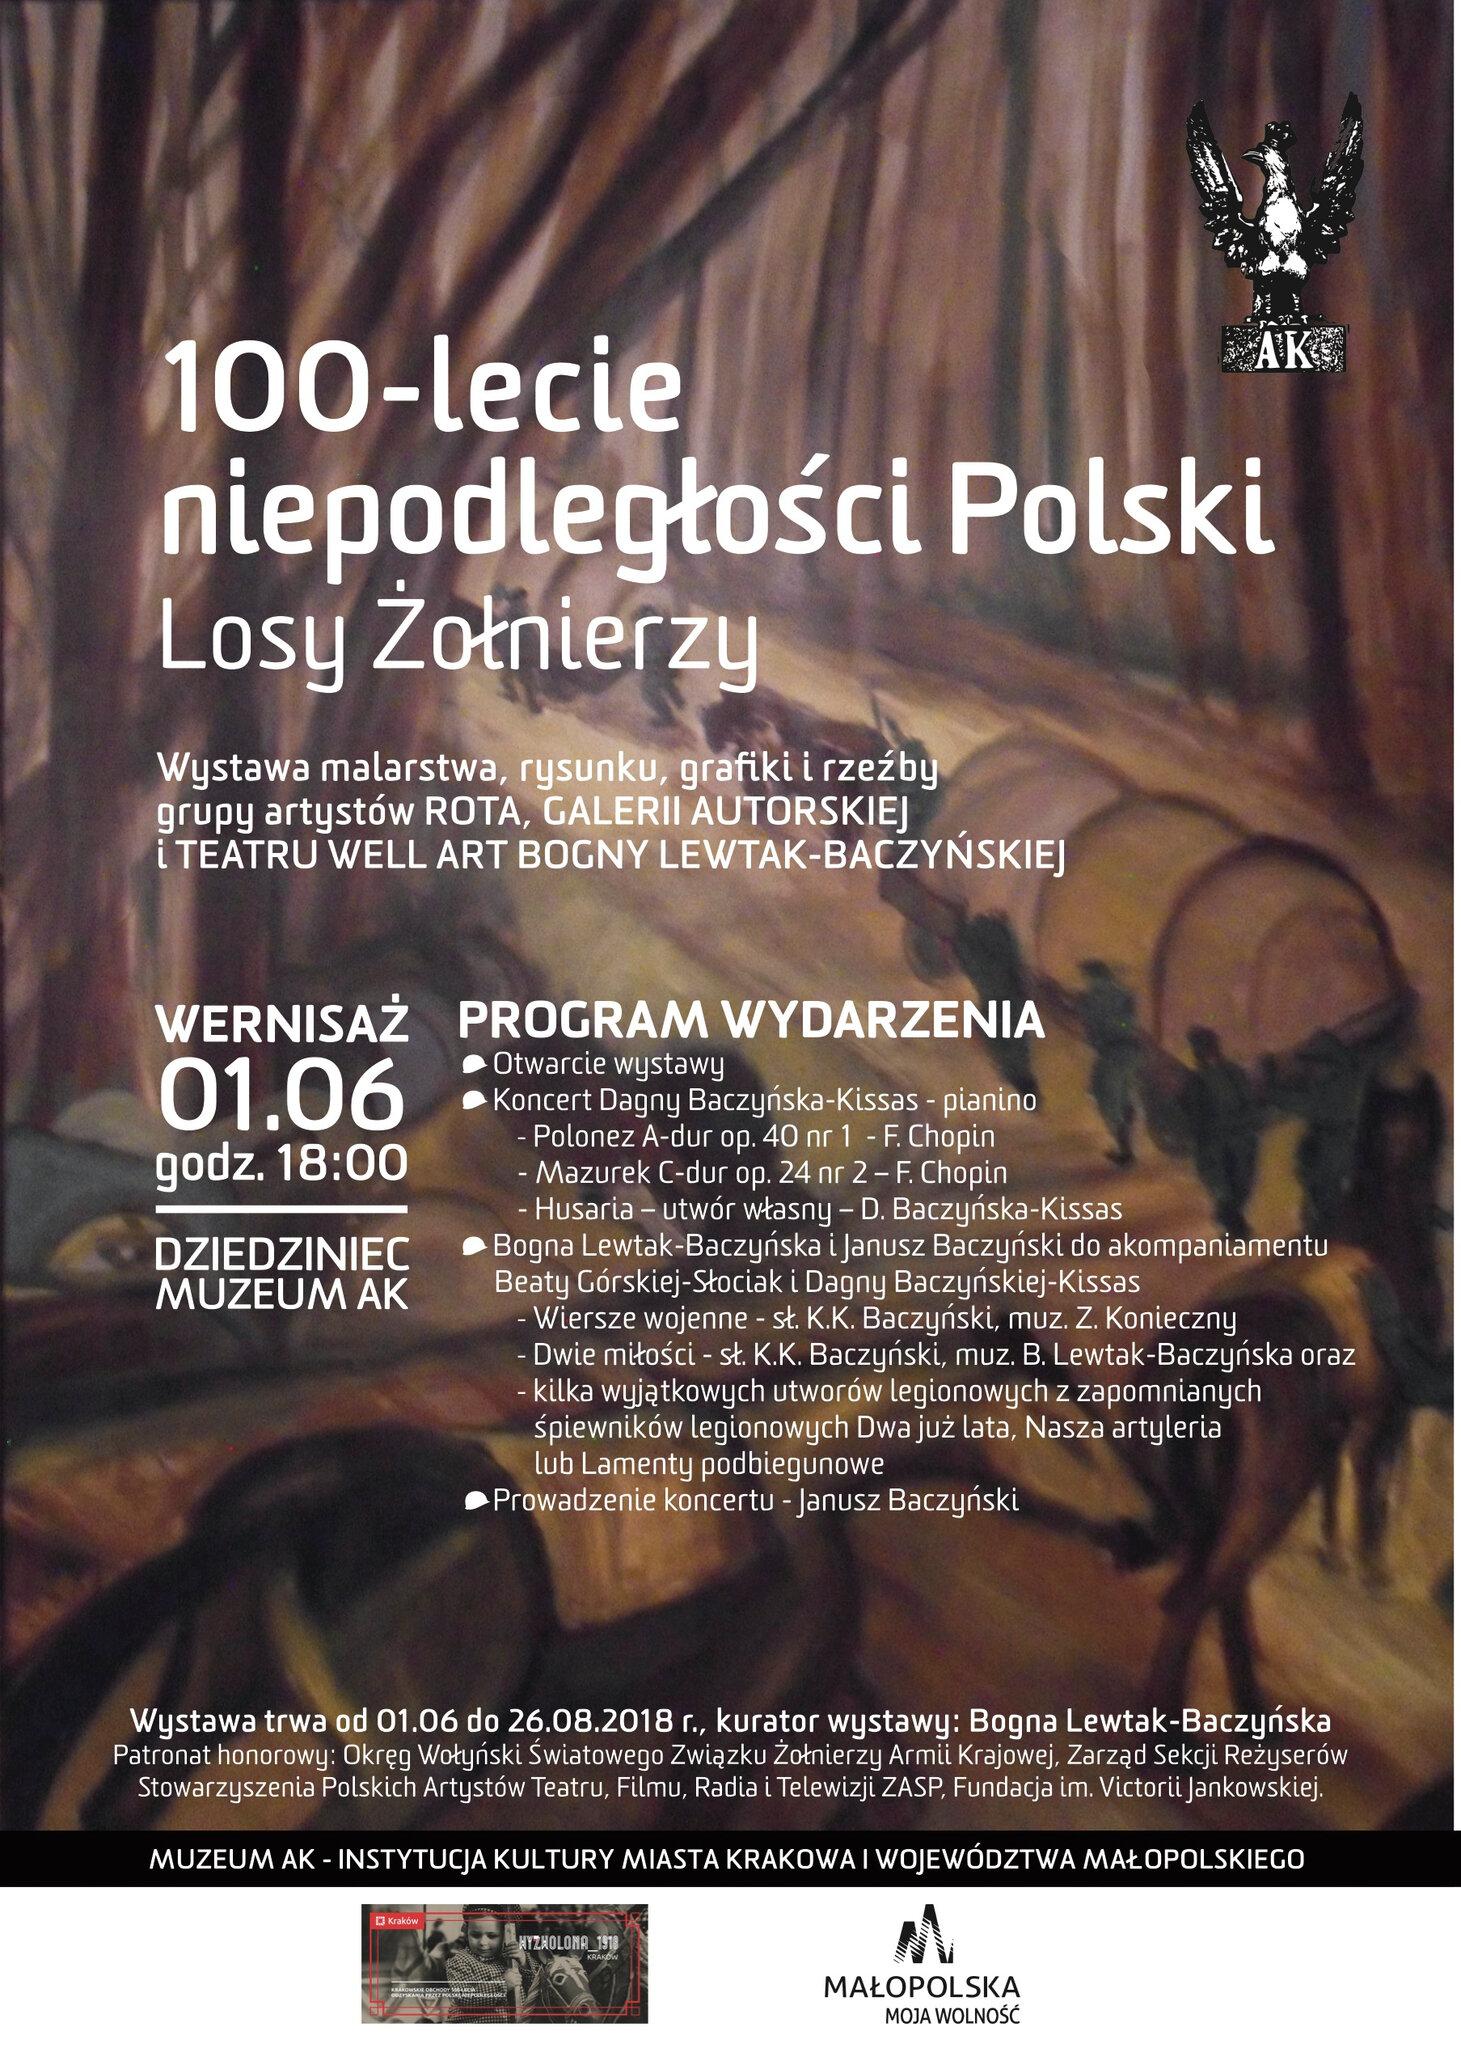 """""""Losy Żołnierzy"""" - wystawa z okazji 100-lecia niepodległości Polski """""""